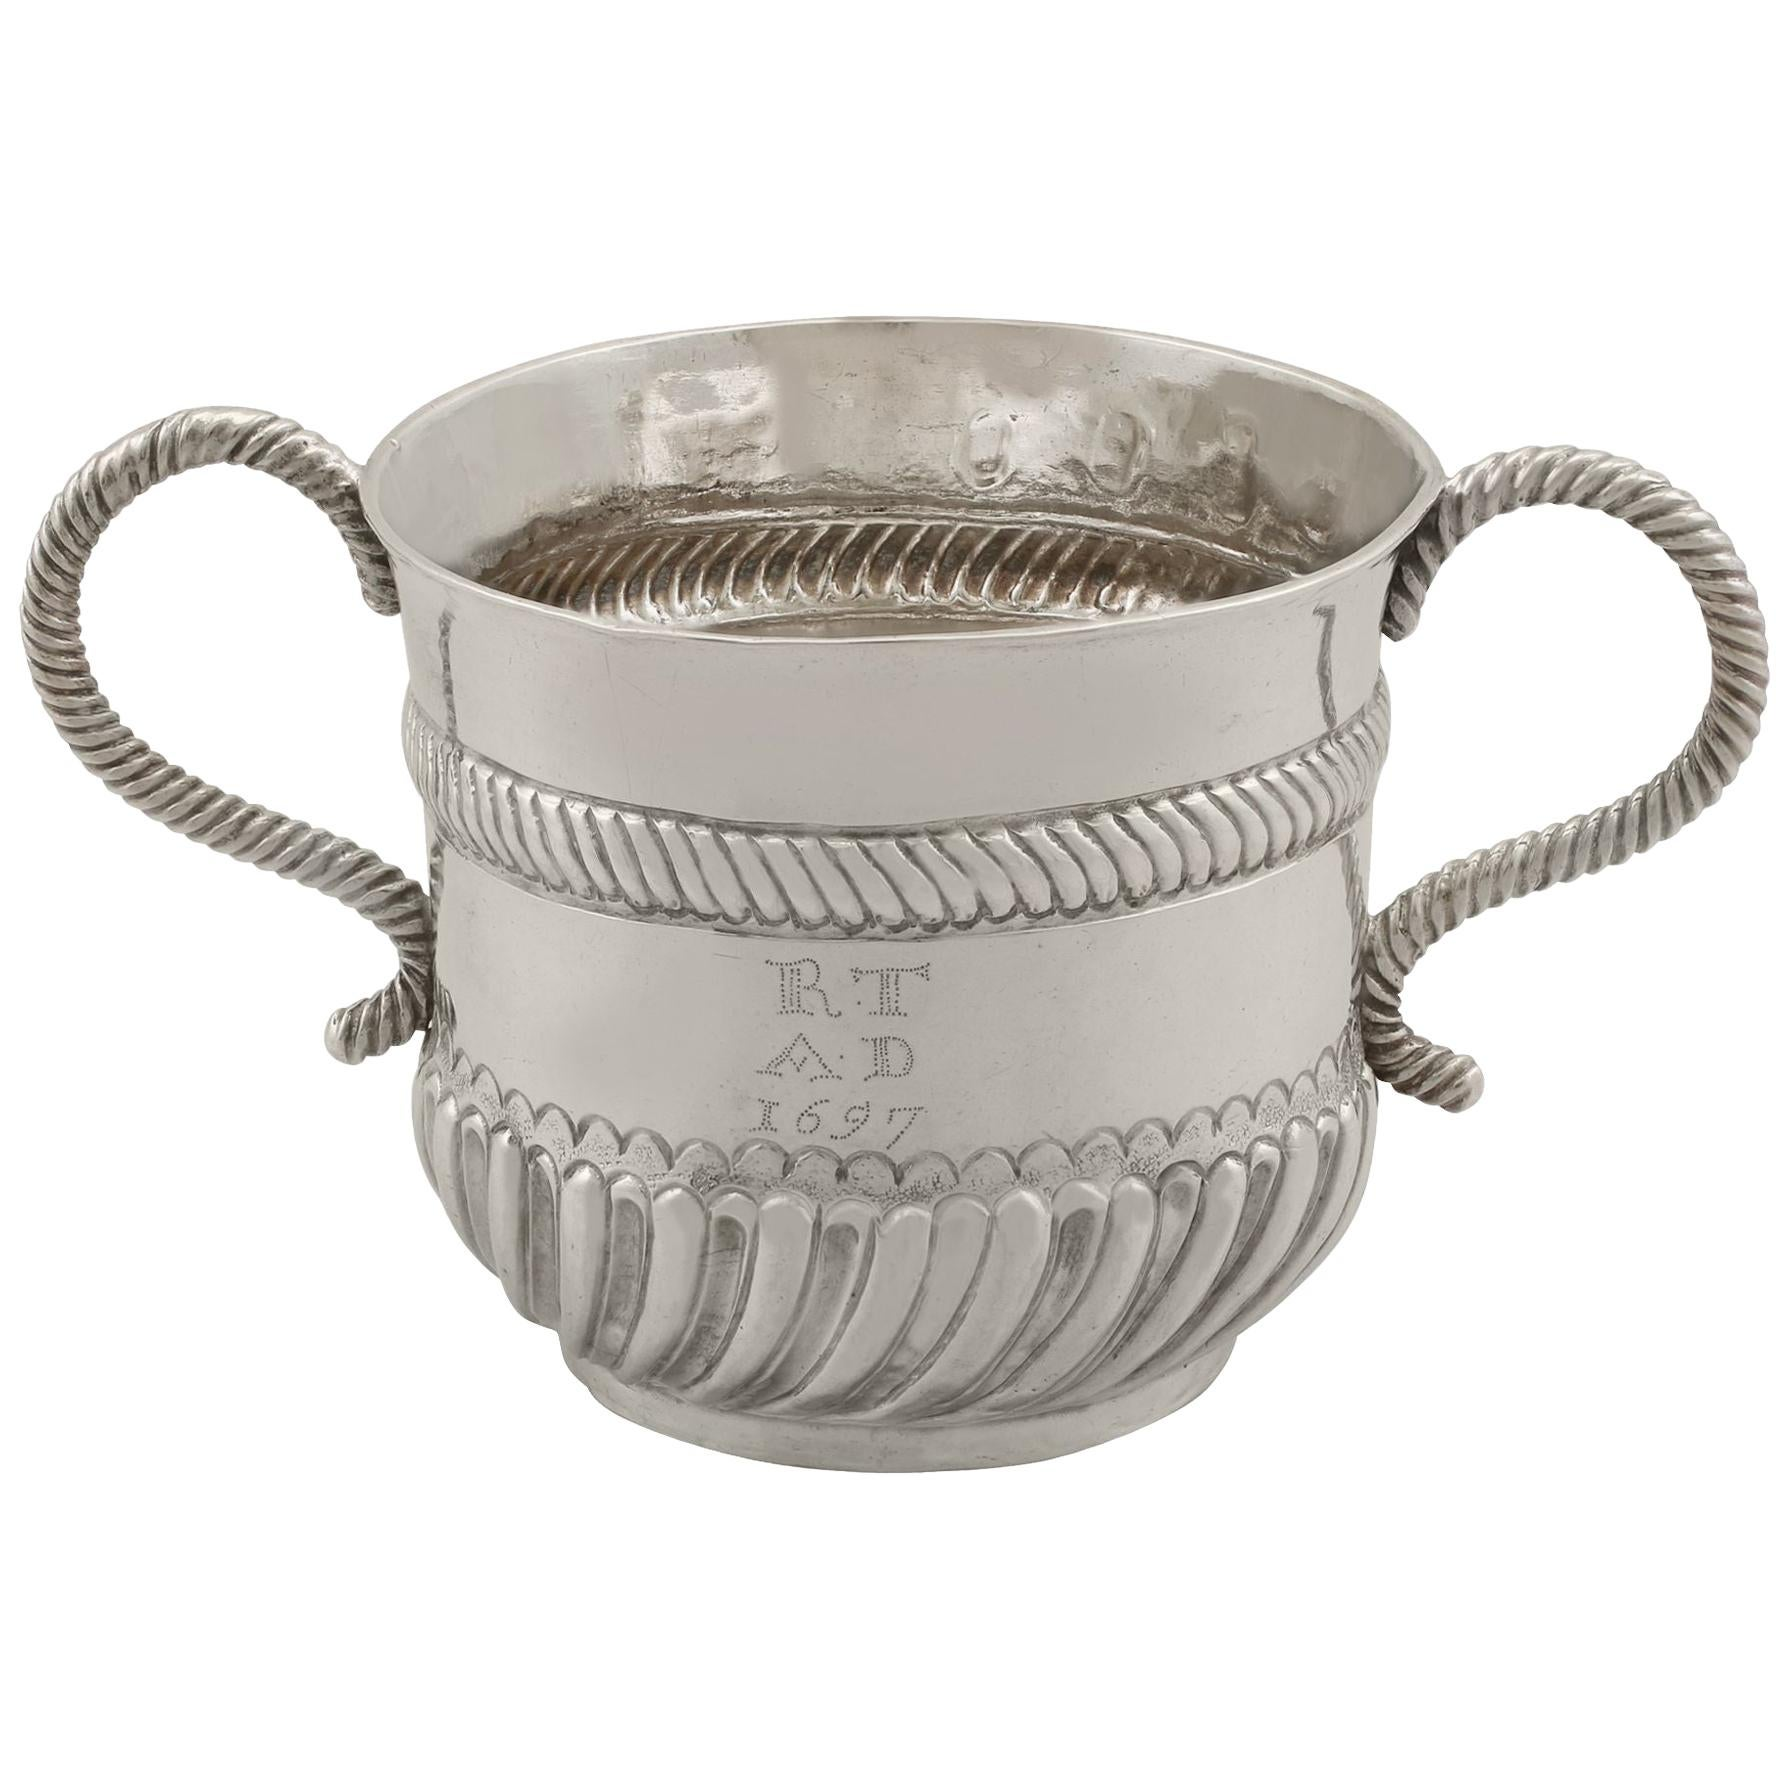 Antique William III Britannia Standard Silver Porringer